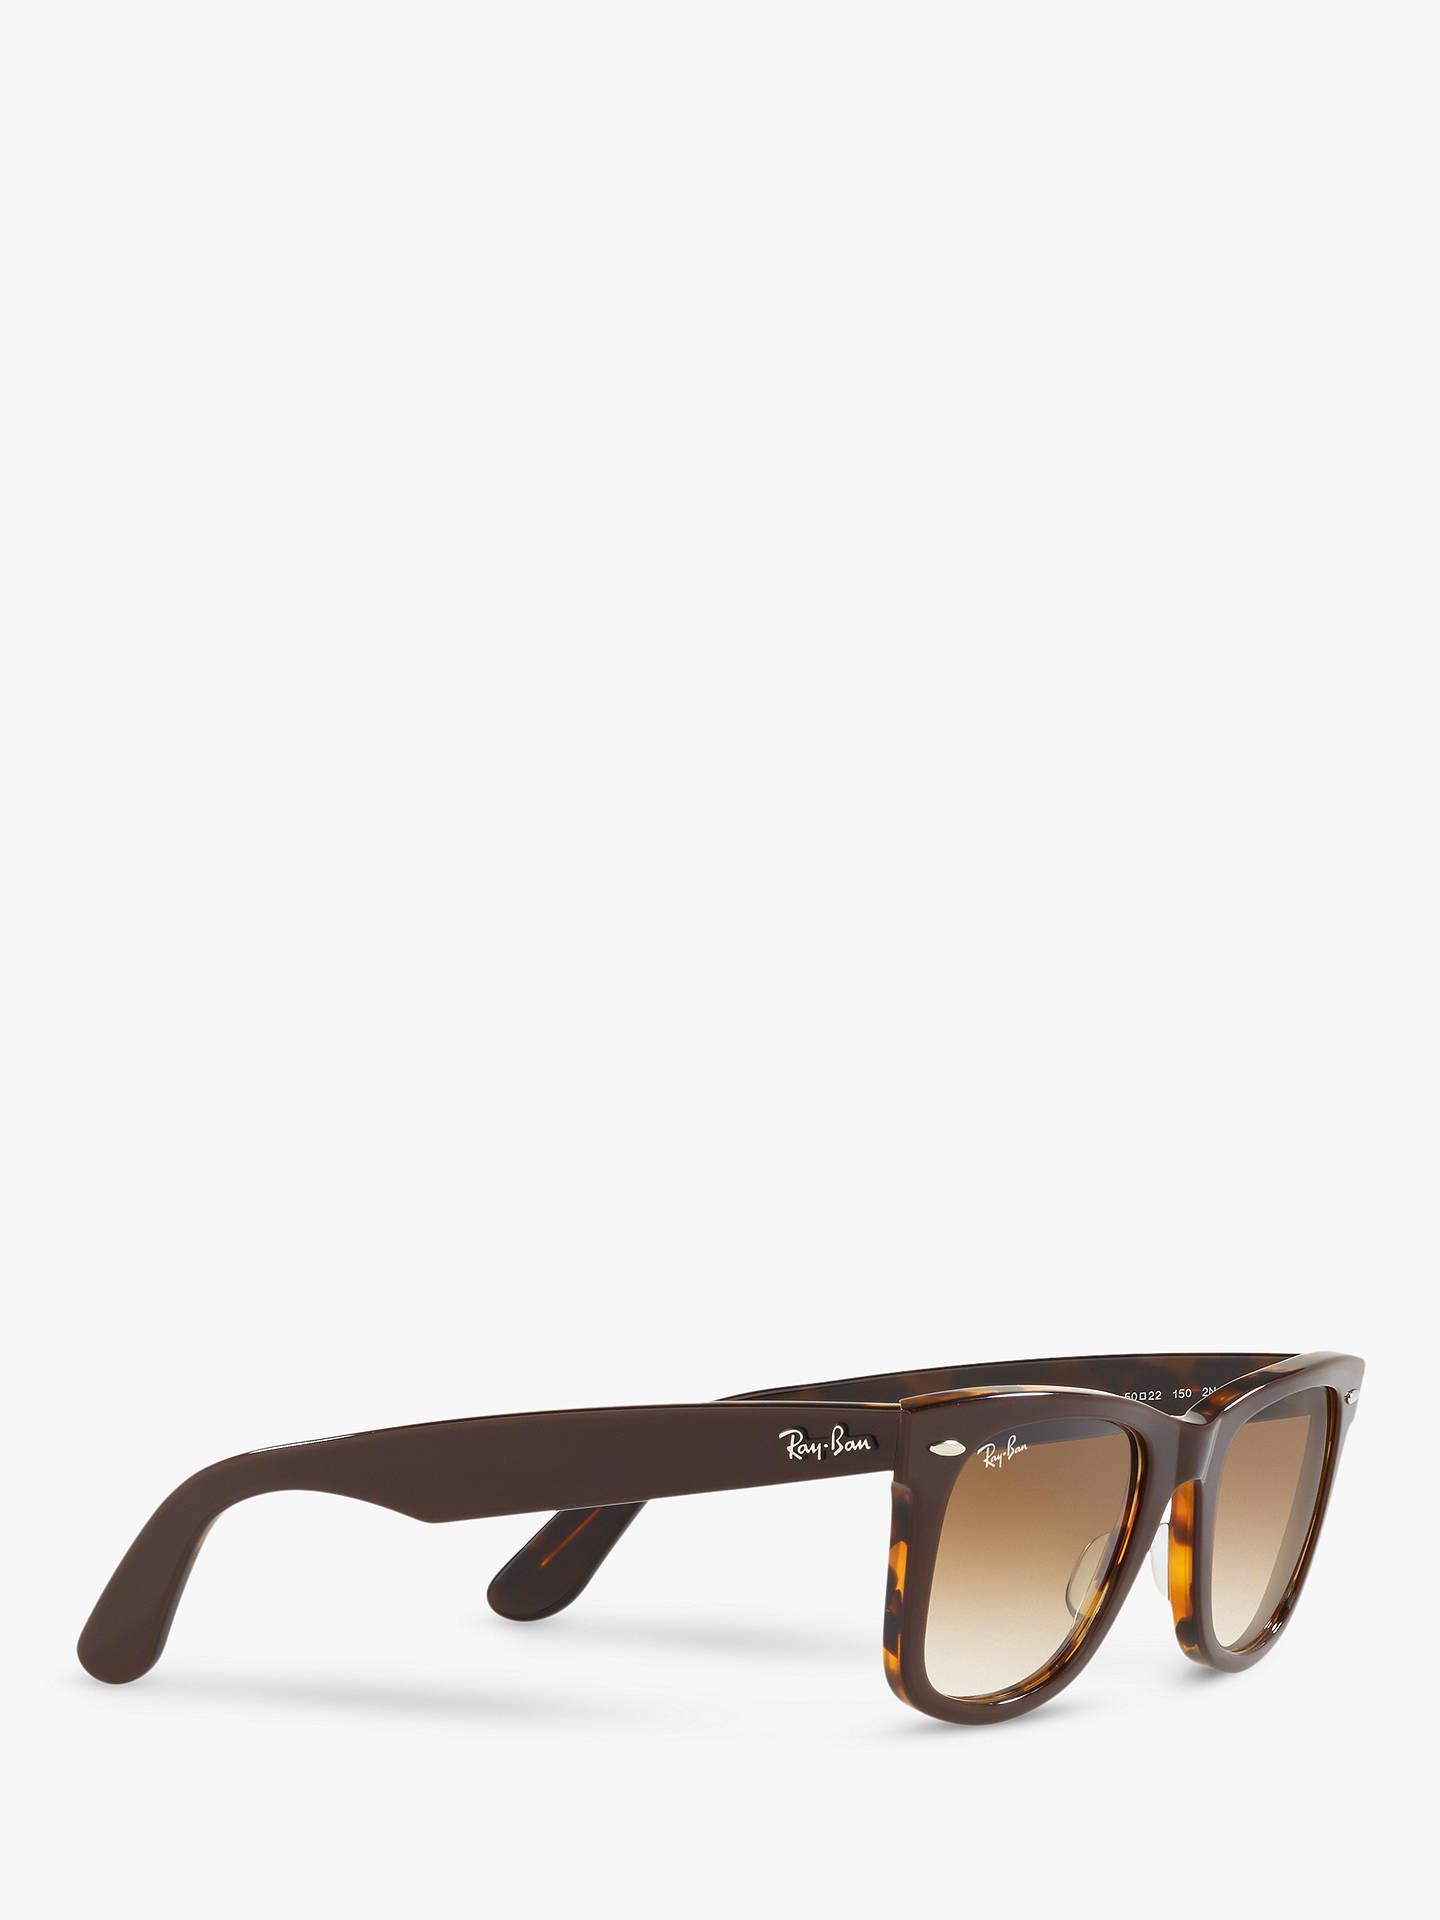 e89c0e2b61 ... BuyRay-Ban RB2140 Women s Original Wayfarer Sunglasses